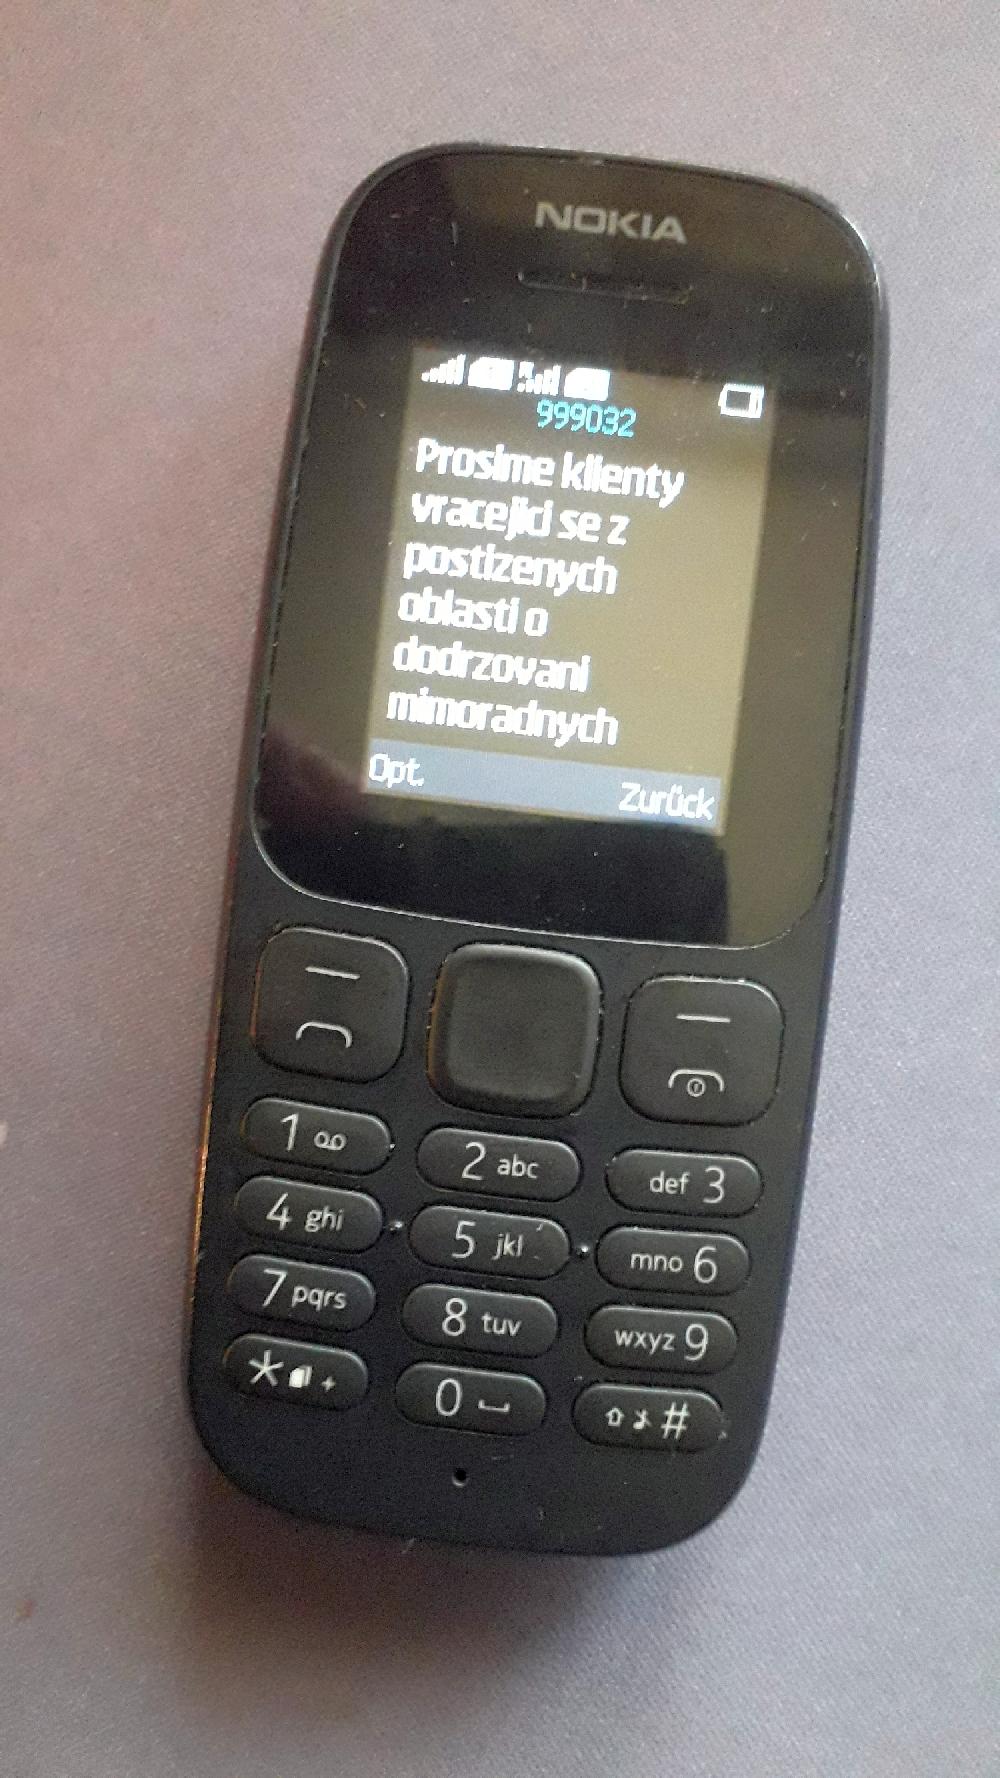 """SMS der Gesundheitsbehörde: """"Wir bitten zurückkehrende Klienten aus betroffenen gebieten um Einhaltung besonderer Maßnahmen des Gesundheitsministeriums"""", Foto: Kountouroyanis"""